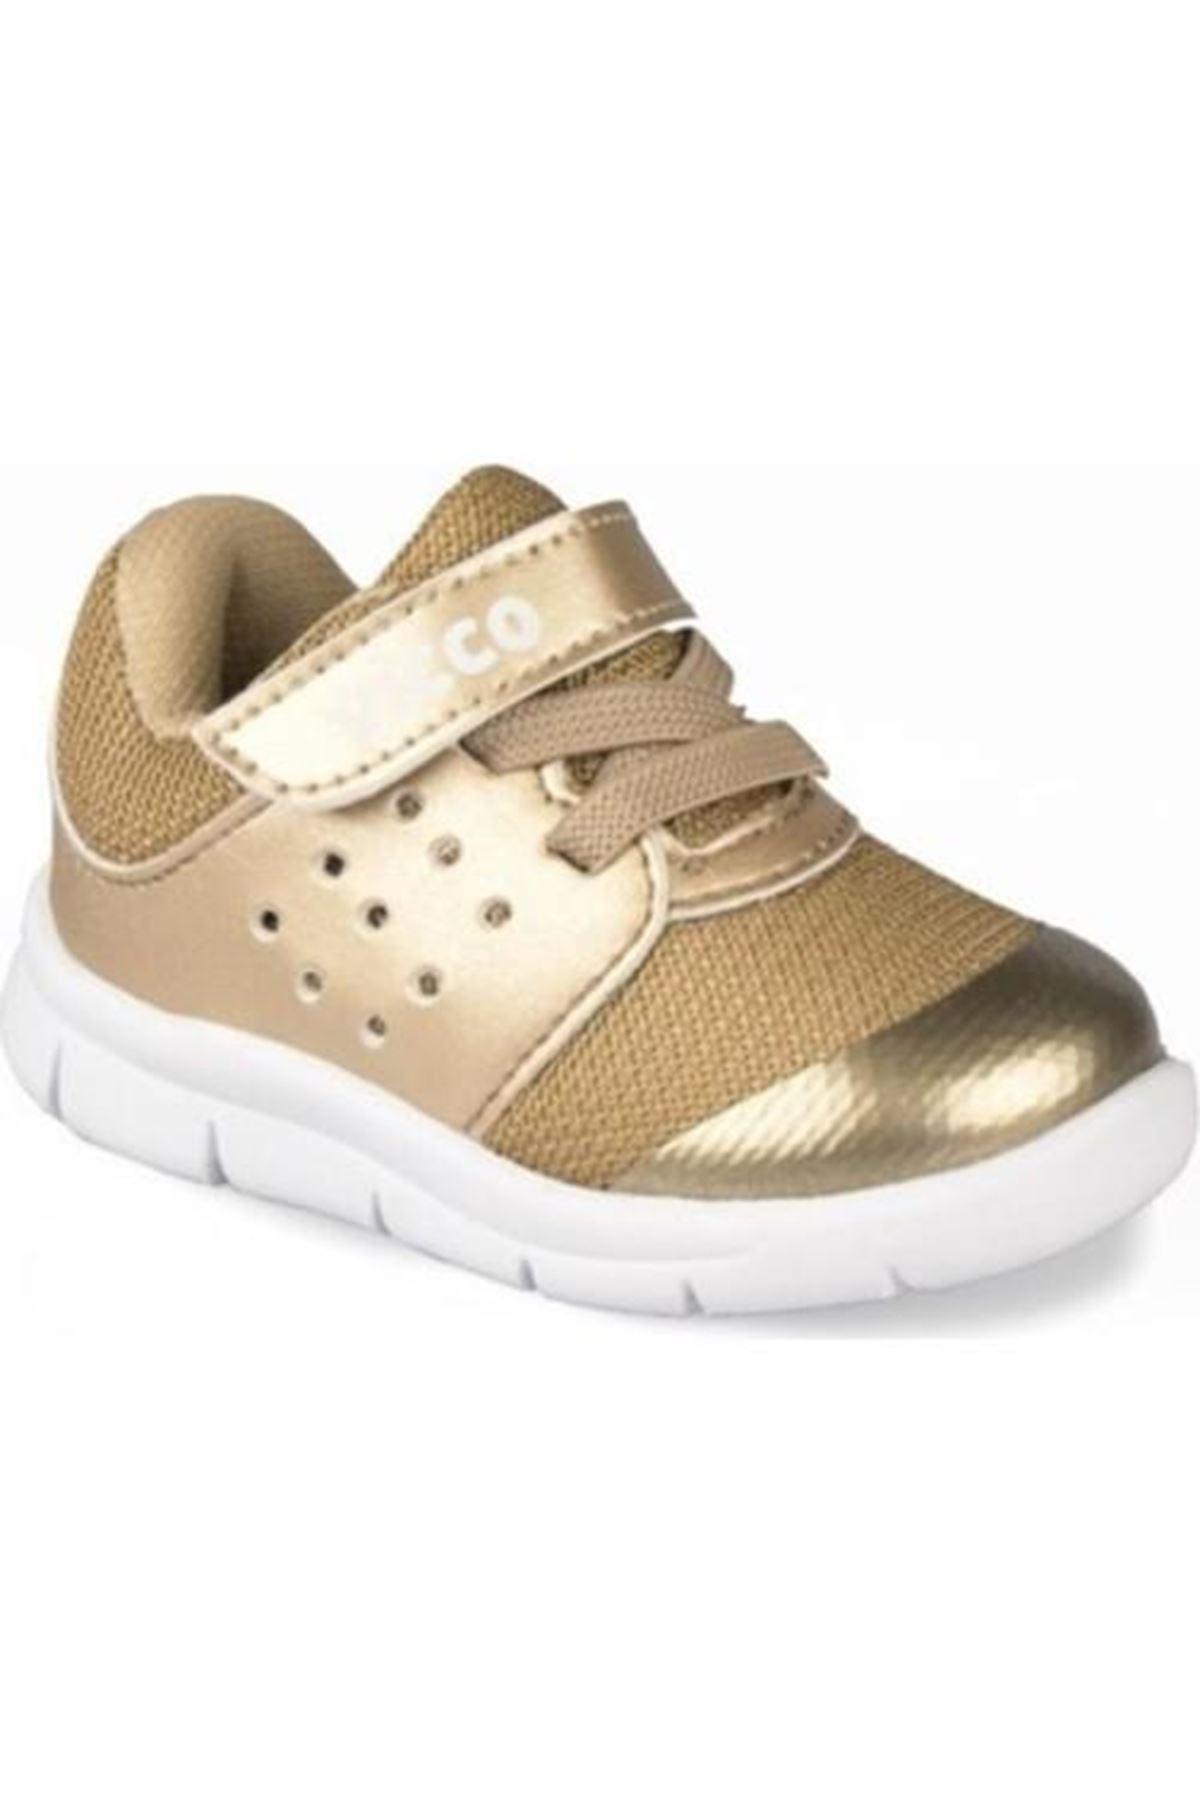 Vicco İlk Adım Deri Ayakkabı 346.E20Y.200 Altın